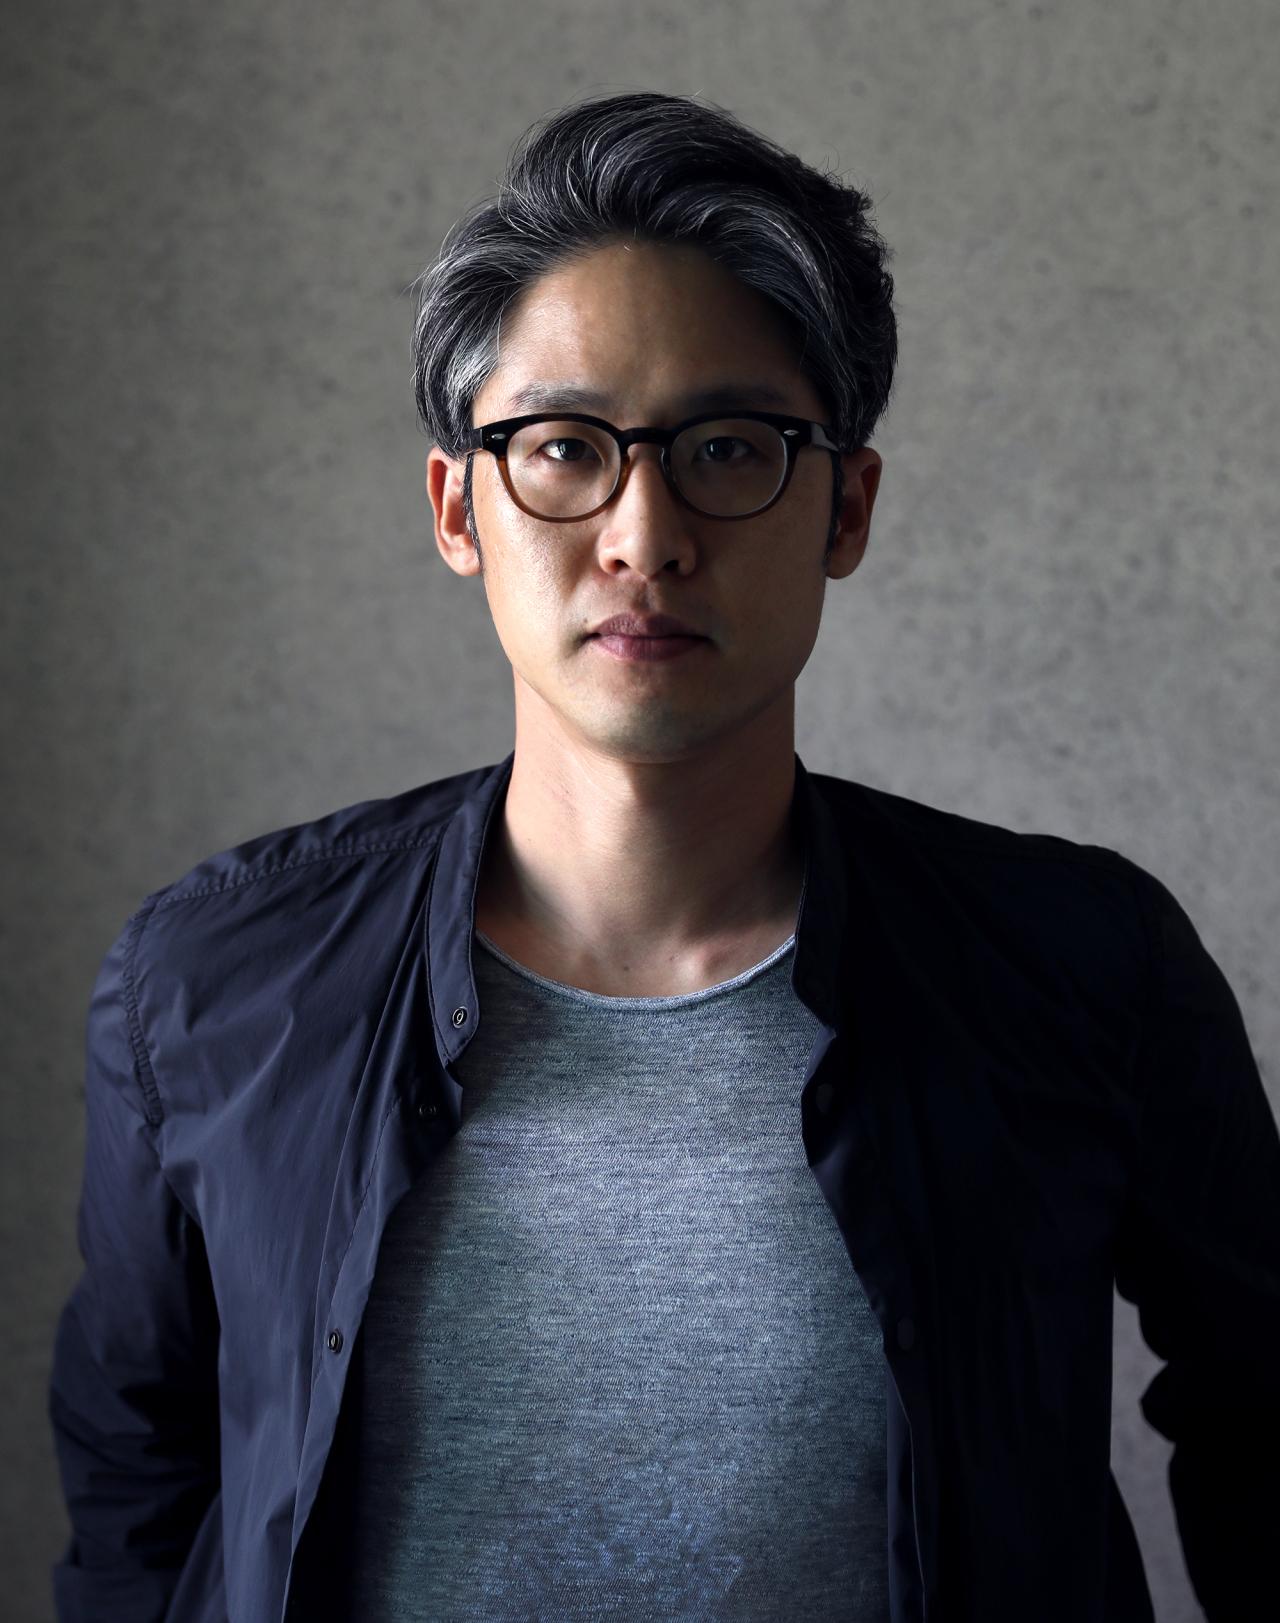 Artist Seo Dong-joo (Hyundai Motor Group)